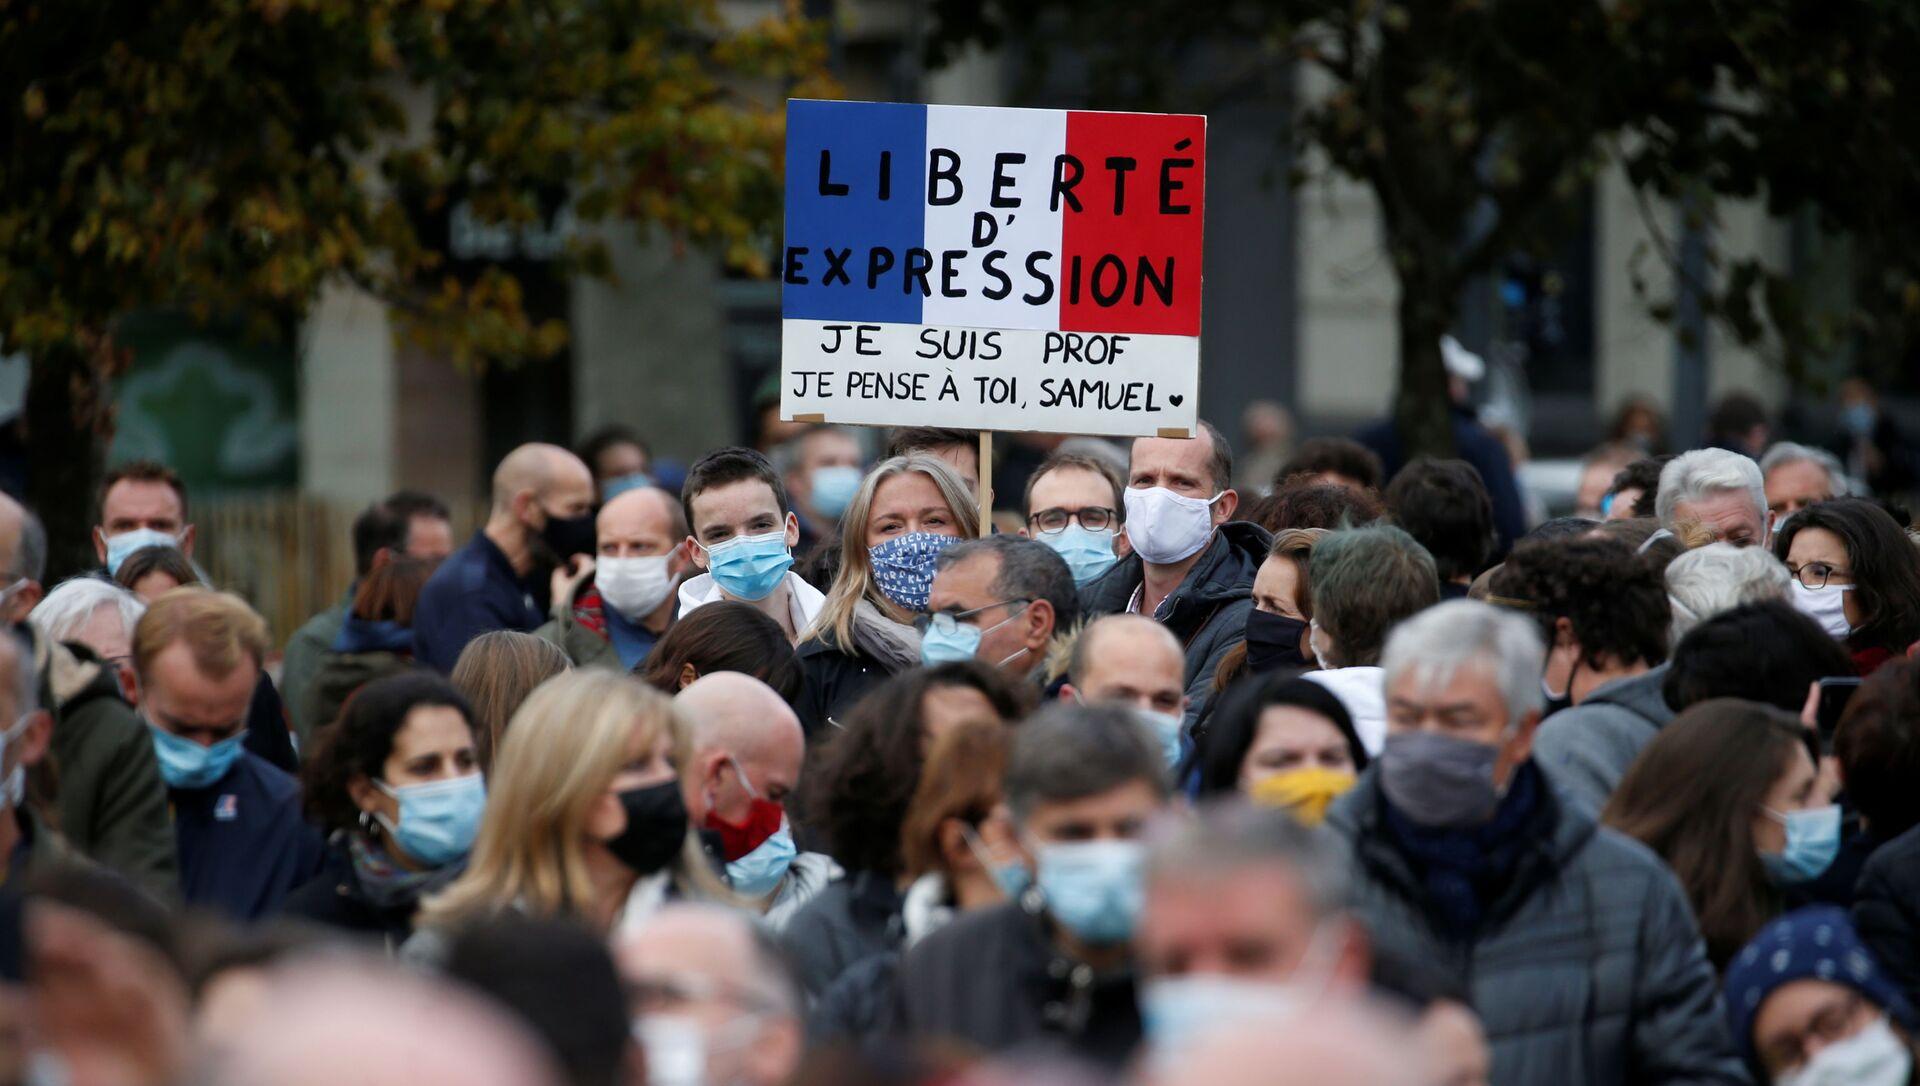 Protestas en Francia por la decapitación de un profesor - Sputnik Mundo, 1920, 19.10.2020